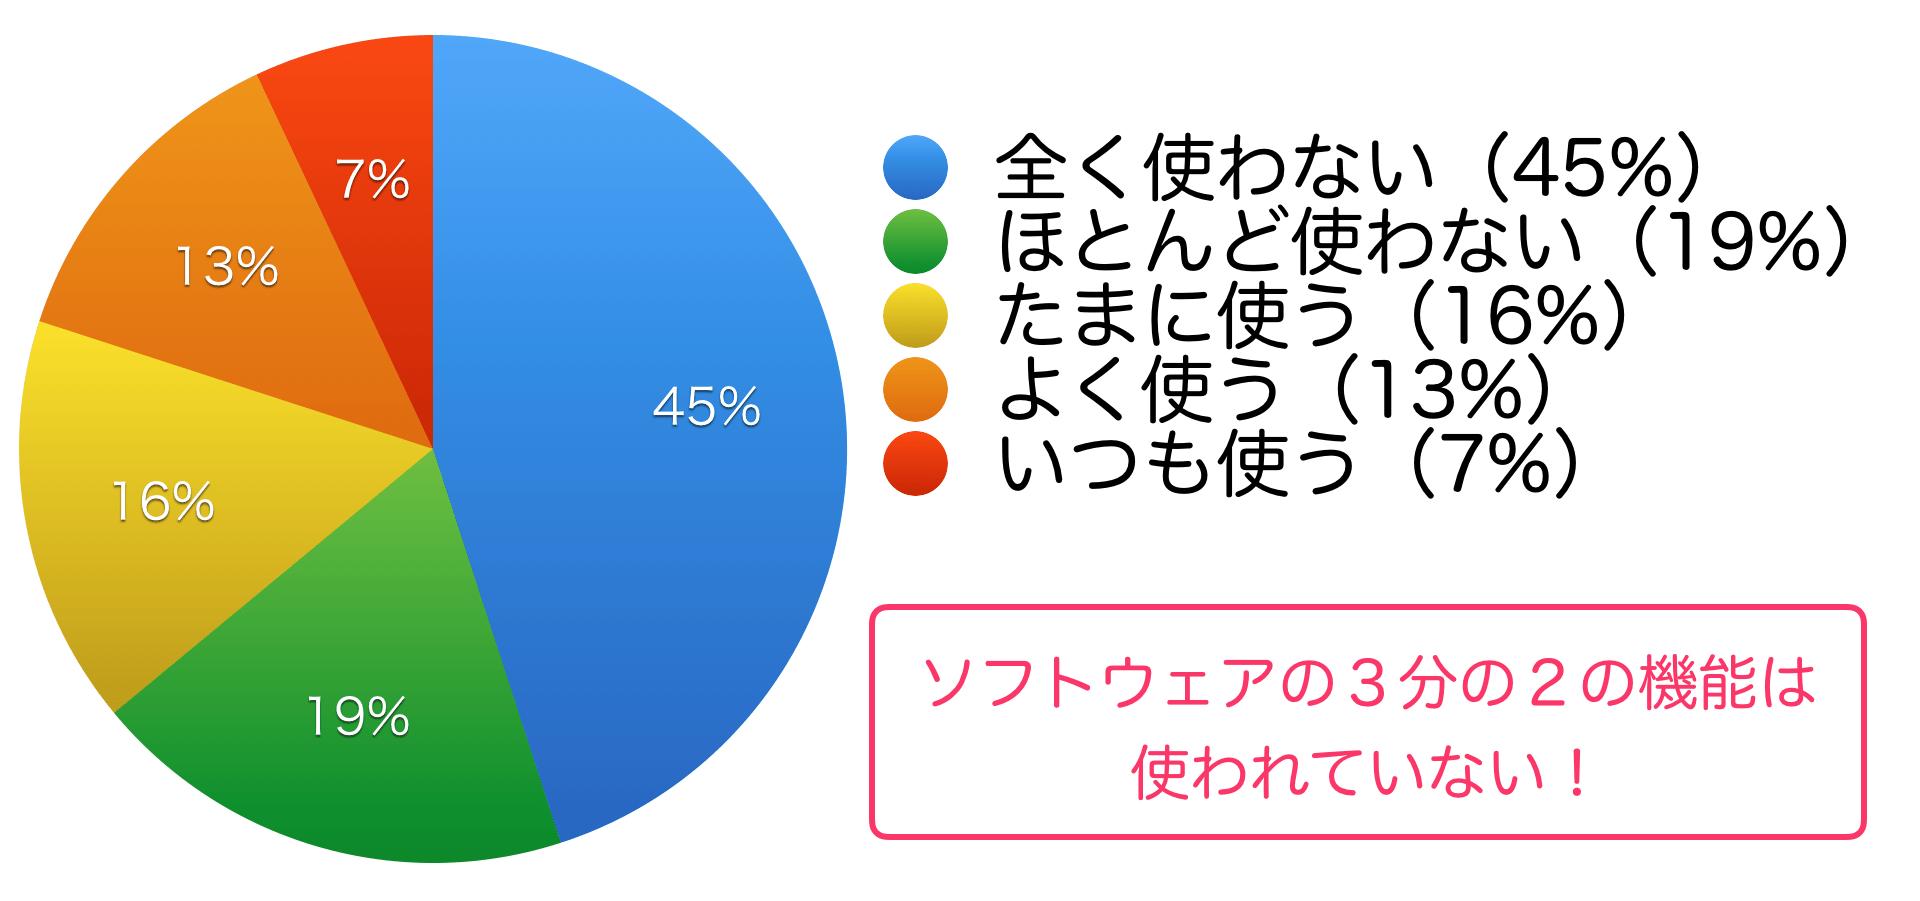 スクリーンショット_2016-01-17_12_06_19(2)